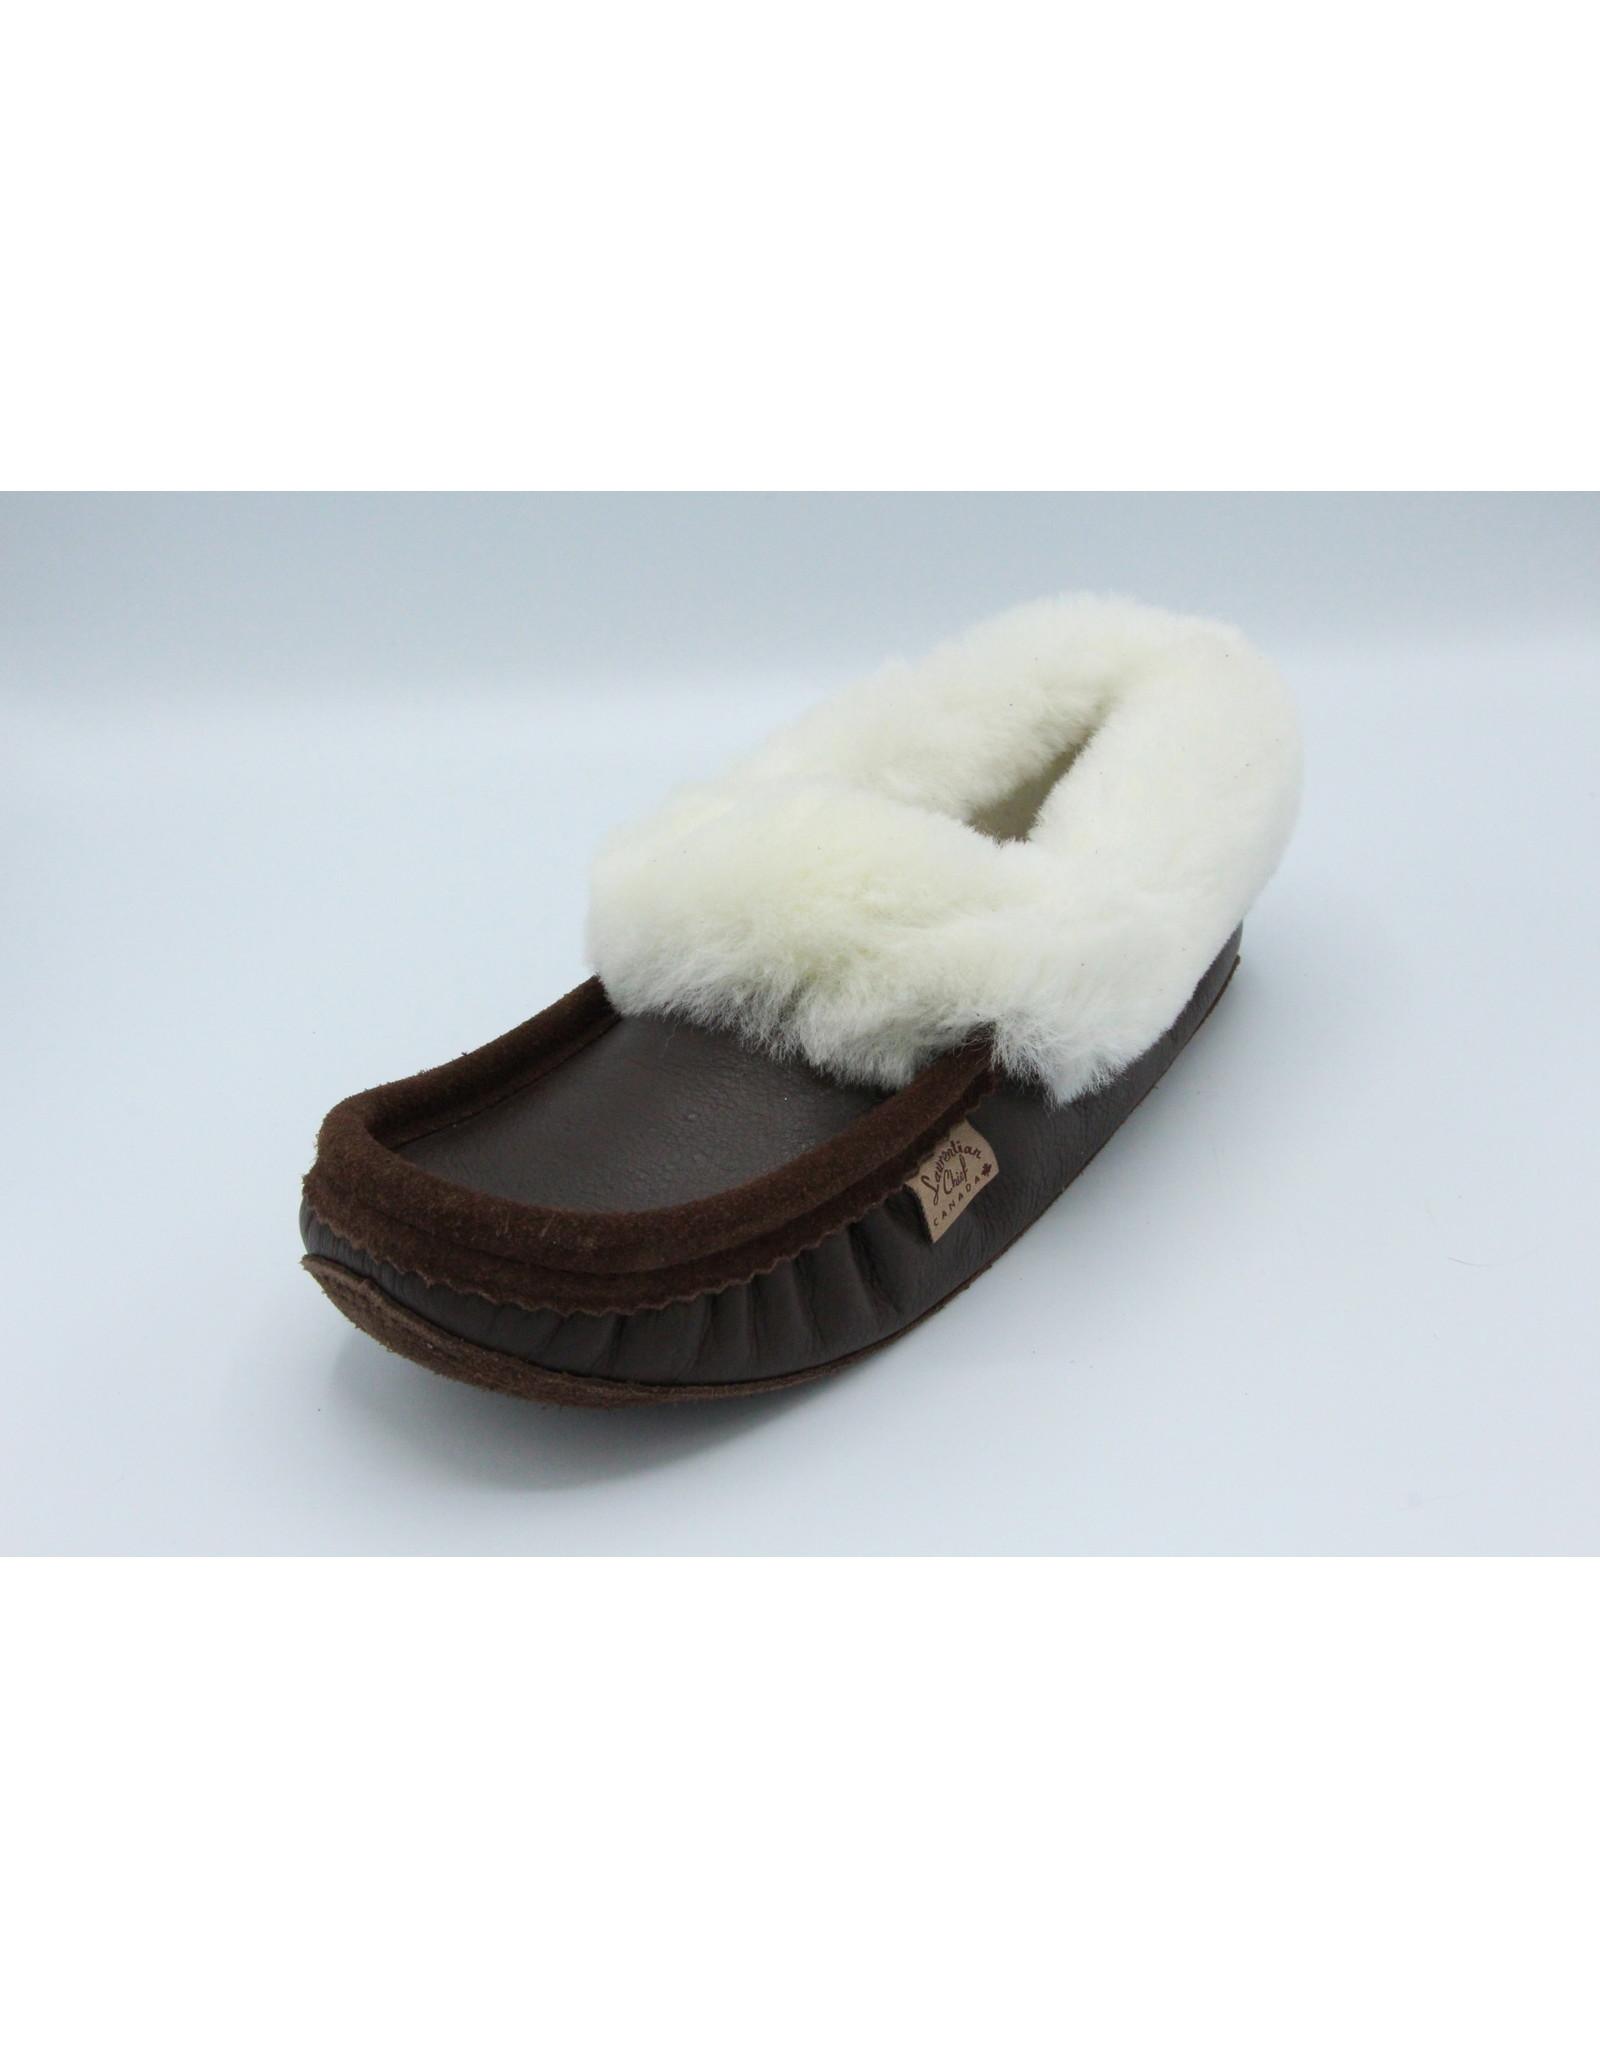 Wool Moccasin Slipper